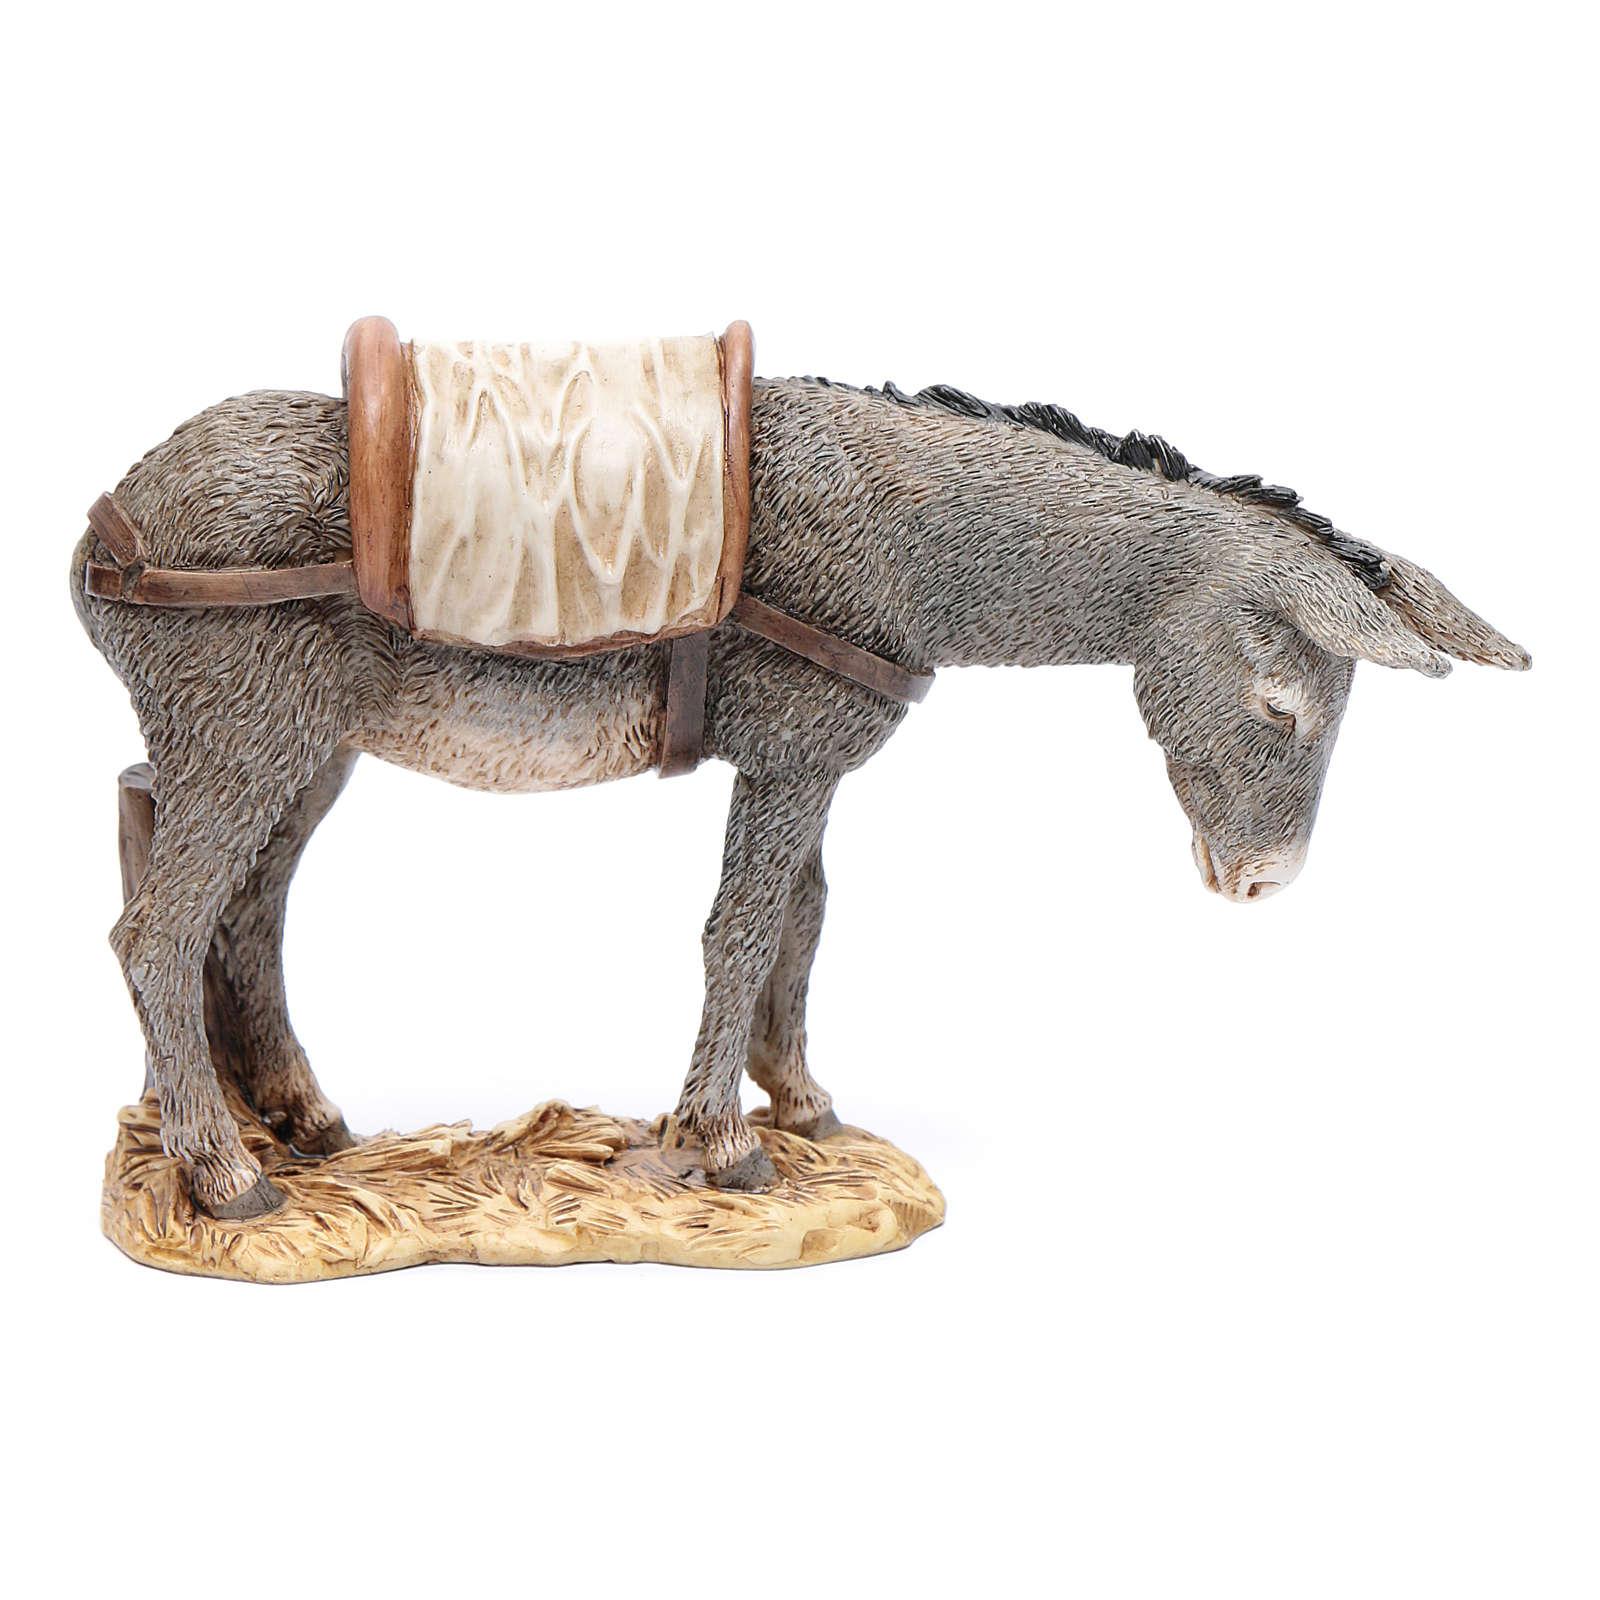 Donkey 15 cm, Moranduzzo Nativity Scene 4